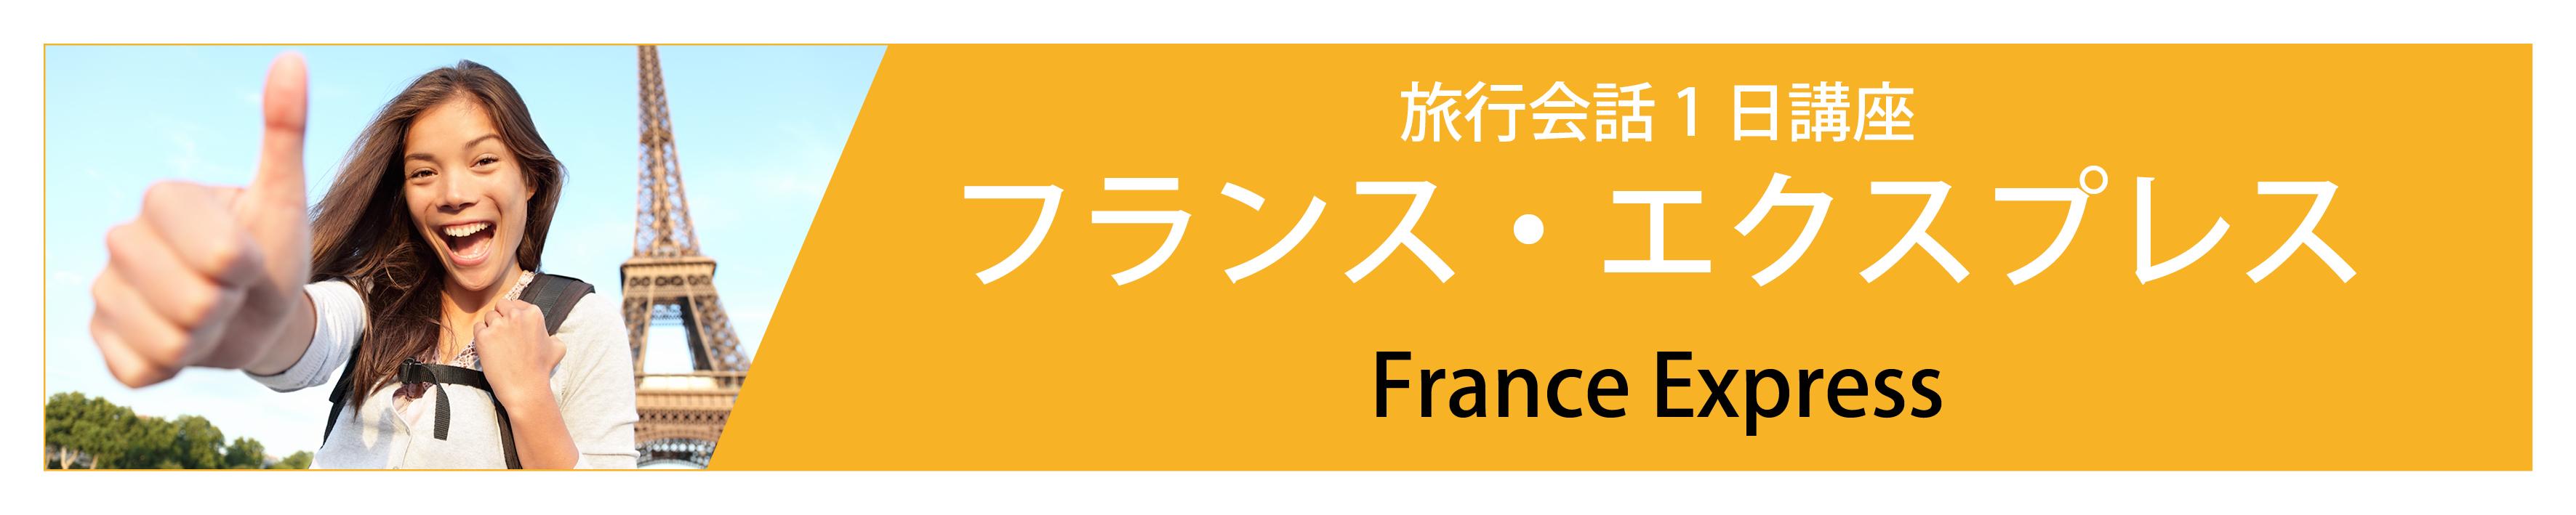 フランス語旅行会話1日講座 フランス・エクスプレス